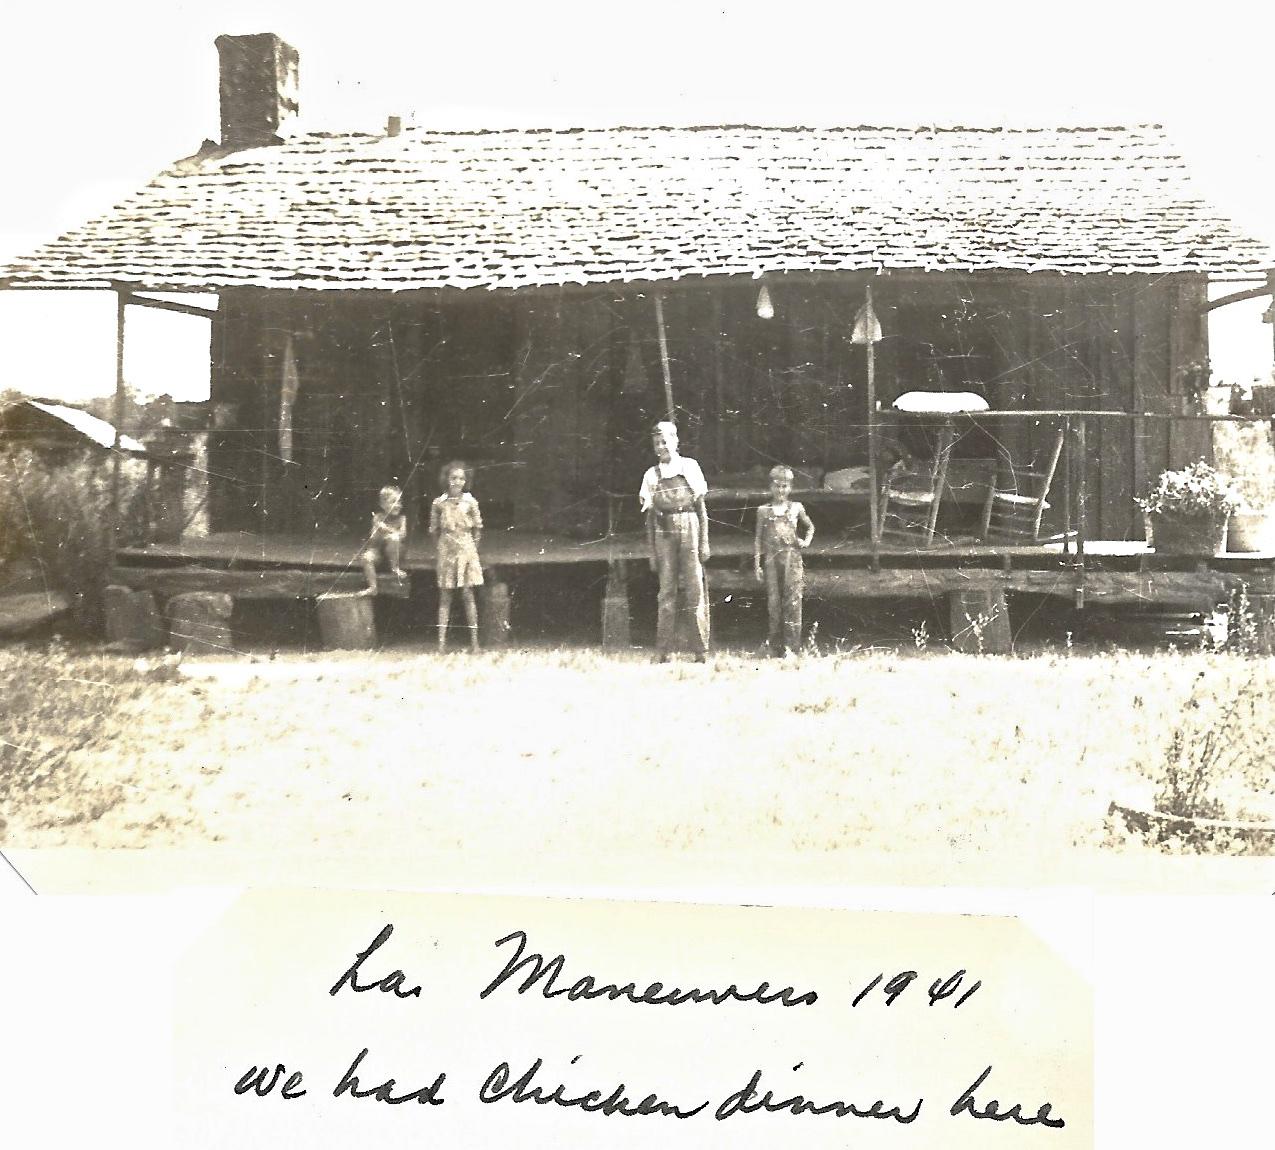 , Louisiana Maneuvers